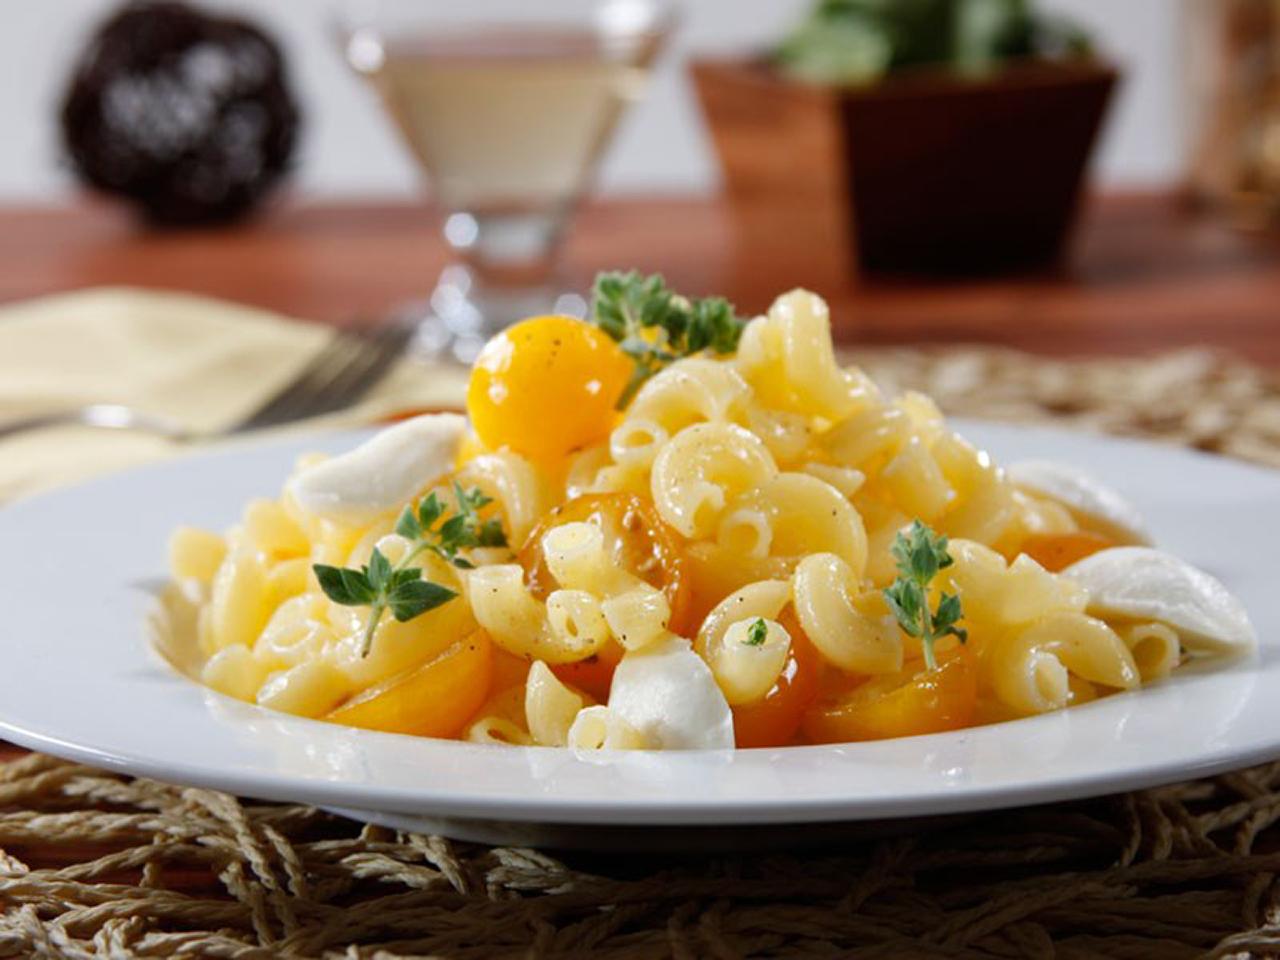 Barilla® Gluten Free Elbows Pasta Salad with Yellow Cherry Tomatoes, Fresh Oregano & Baby Mozzarella